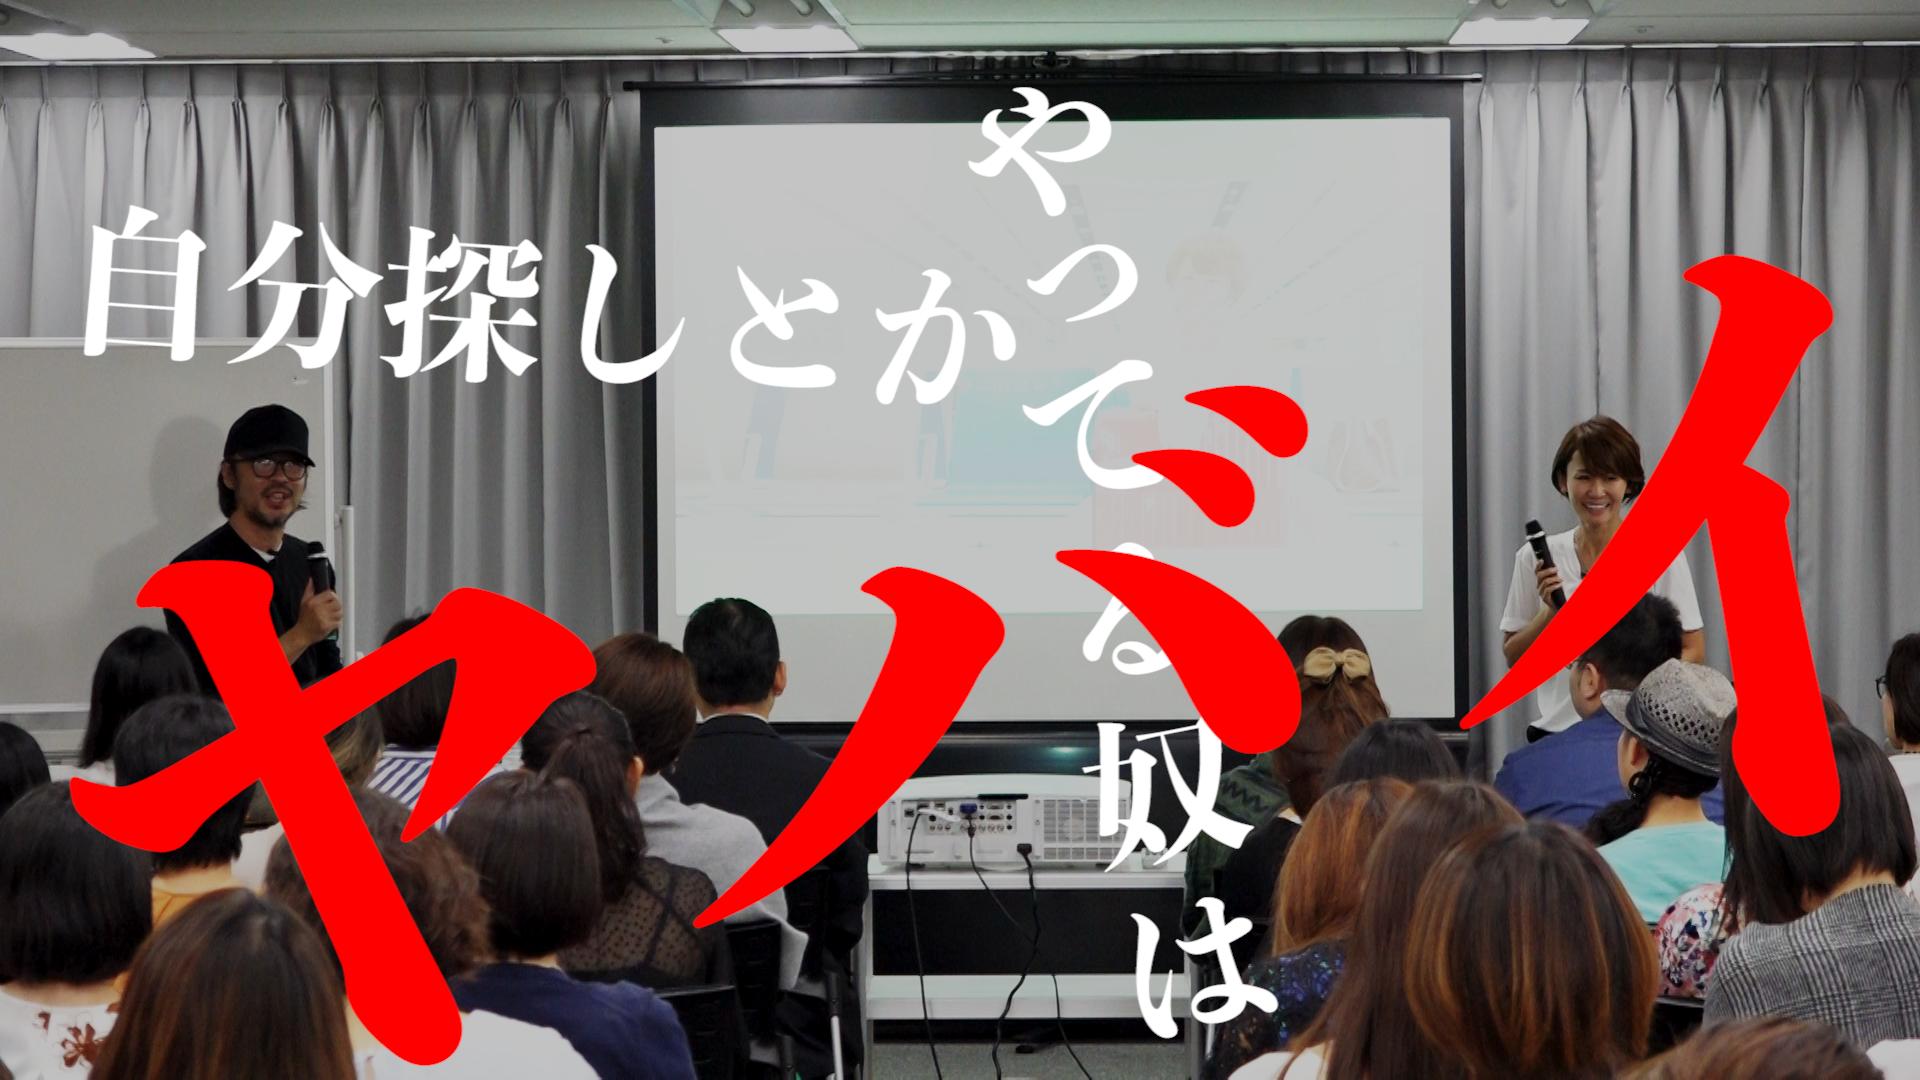 鈴木実歩様・長倉顕太様『セミナー動画無料プレゼント』